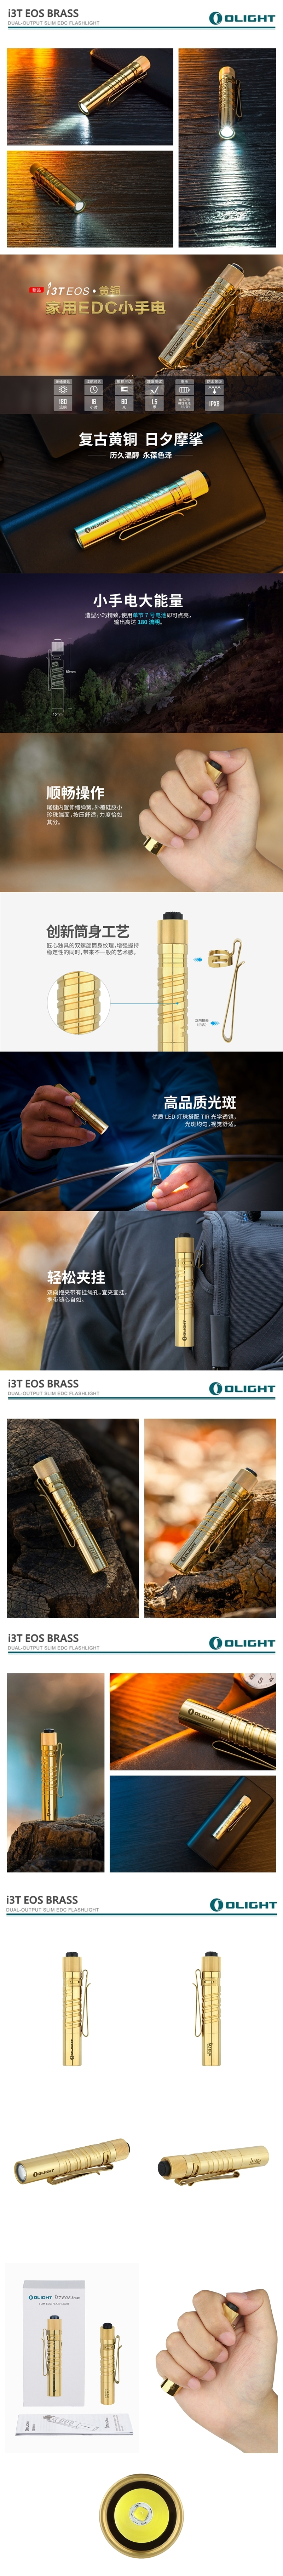 0 OLIGHT i3T 金色 AAA筒 尾按 鑰匙燈 標配4號電池 EDC手電筒 雙向背夾 IPX8防水 eos-vert